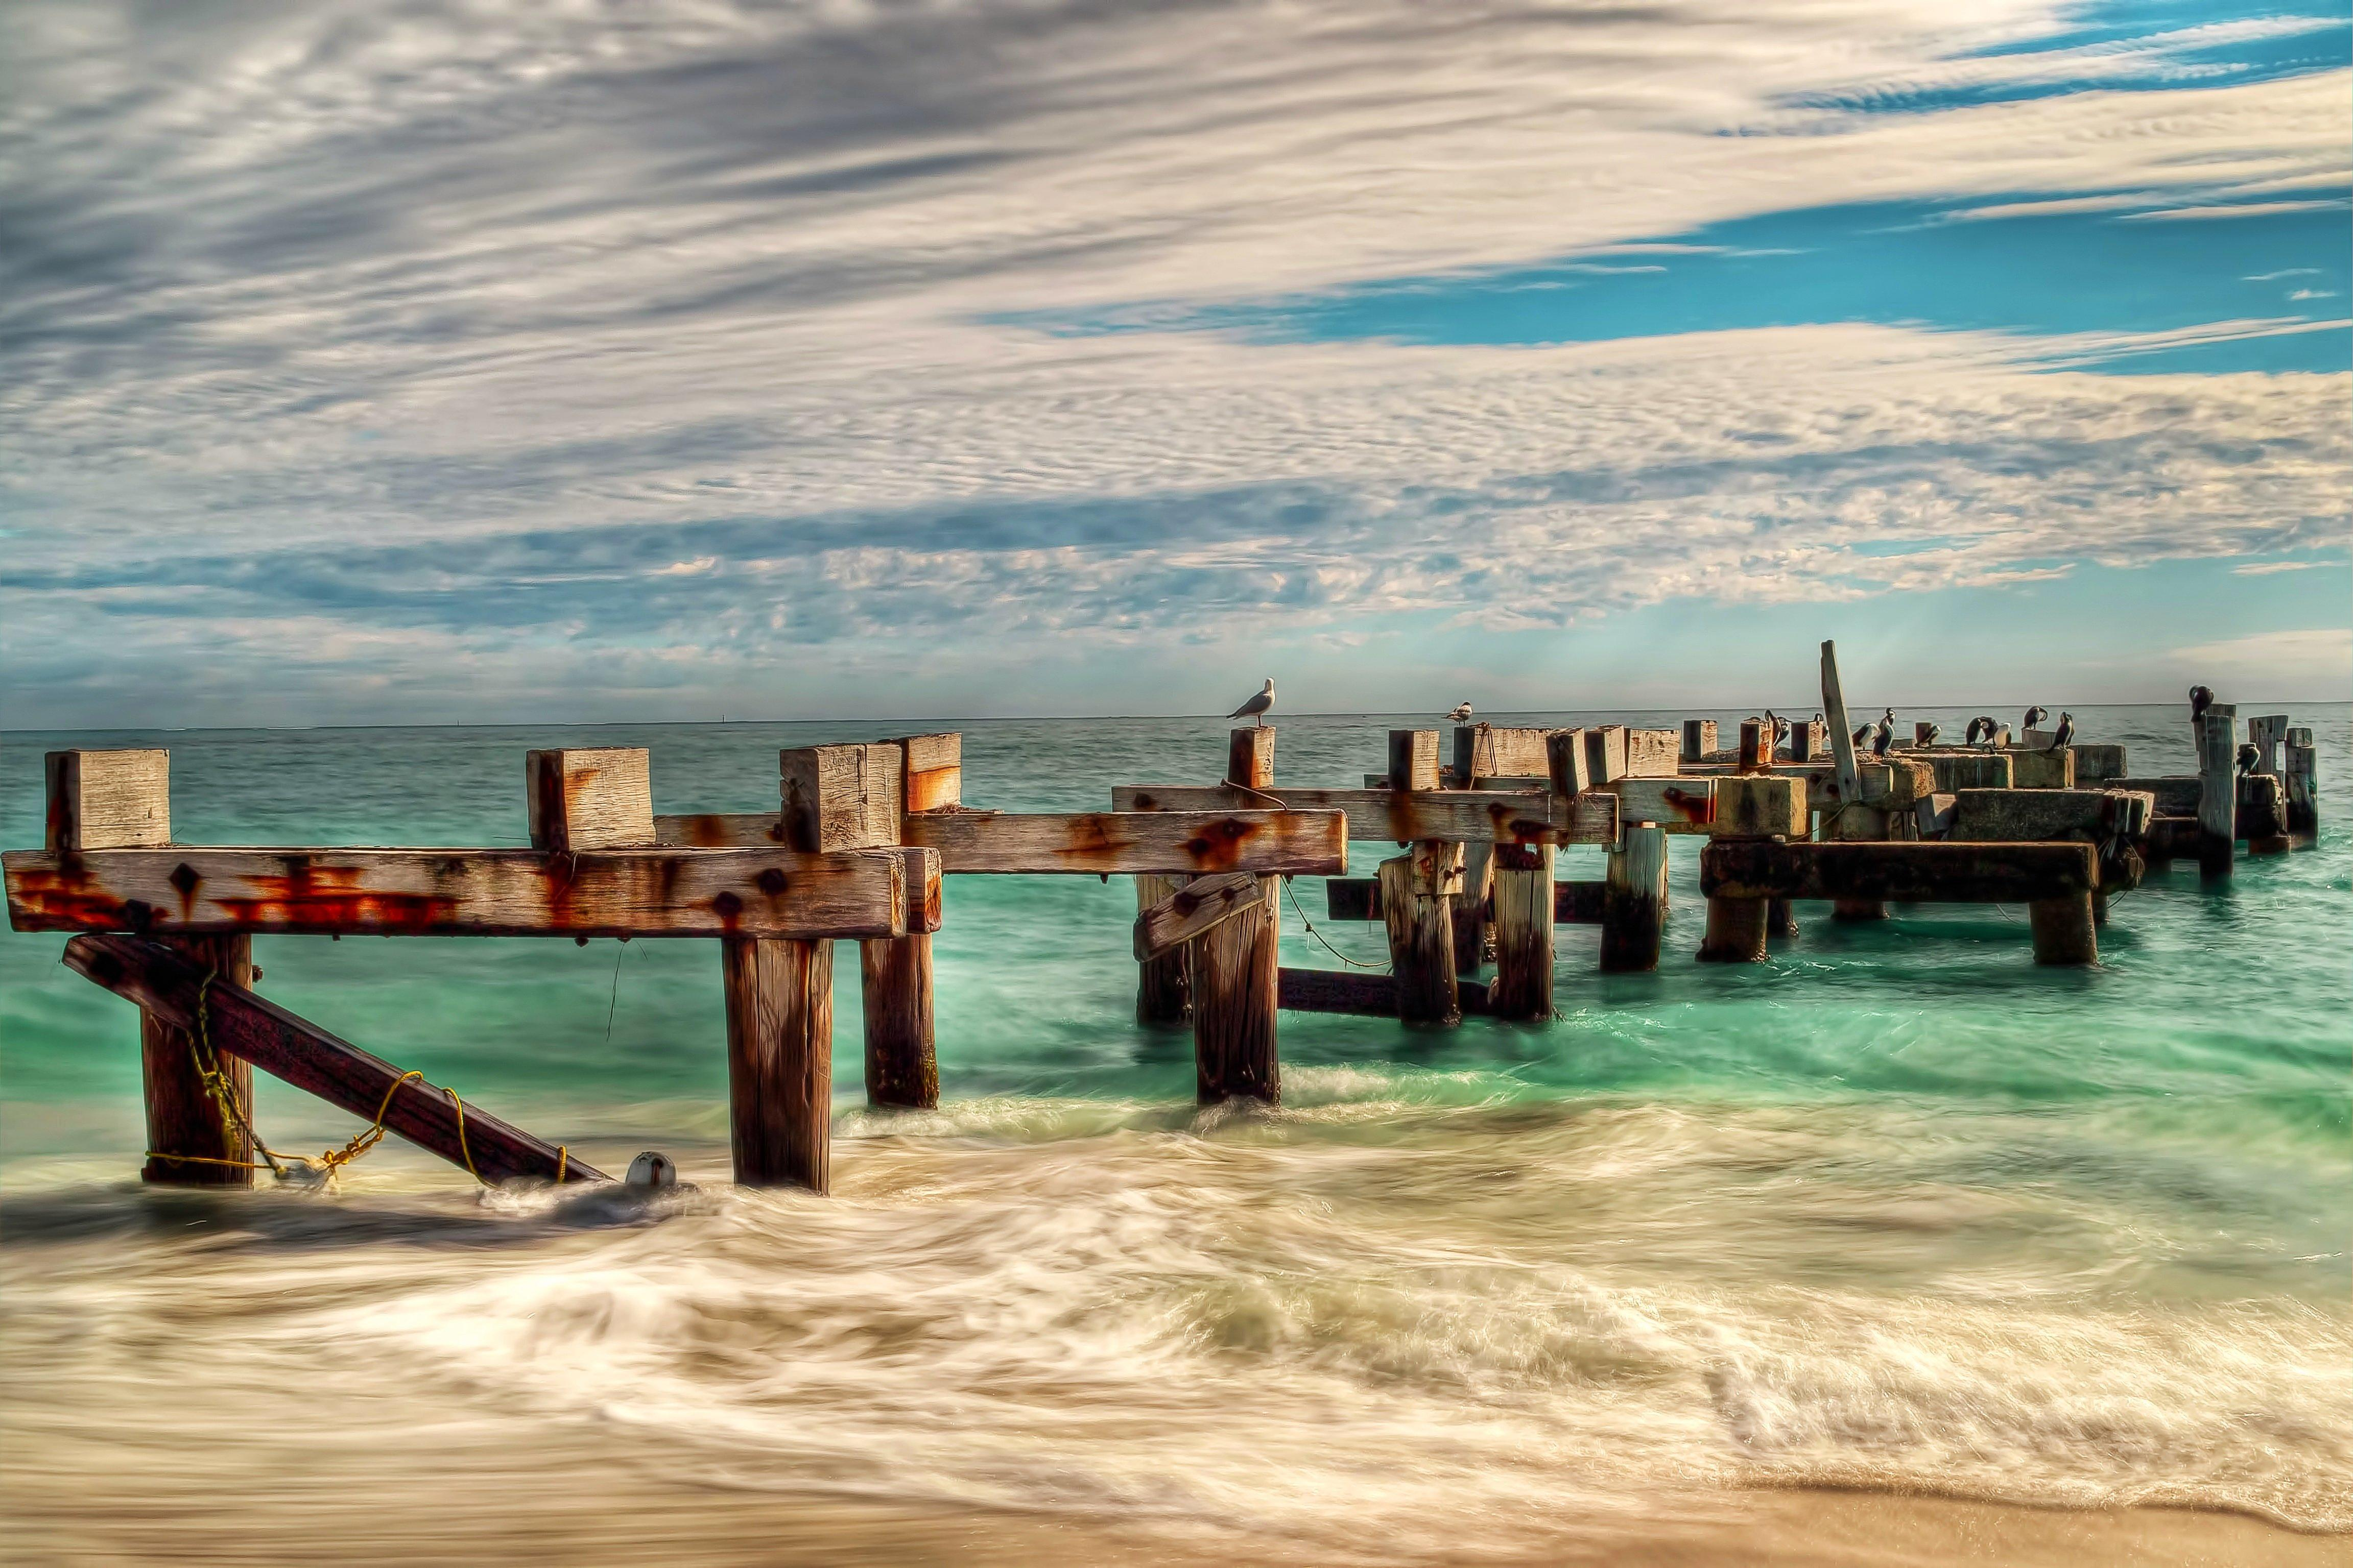 море, волны, столбы, опоры, старый пирс, чайки, птицы, небо, пляж, пейзаж